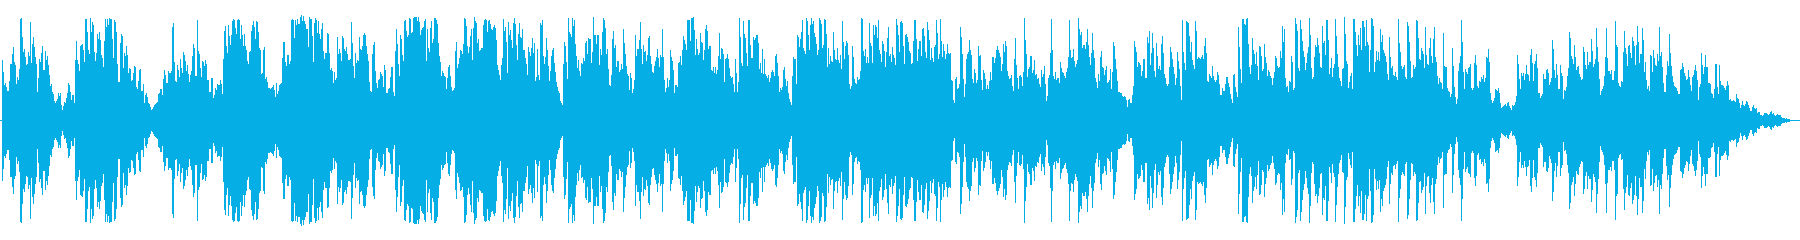 カフェ・映像 優しいlo-fiピアノソロの再生済みの波形